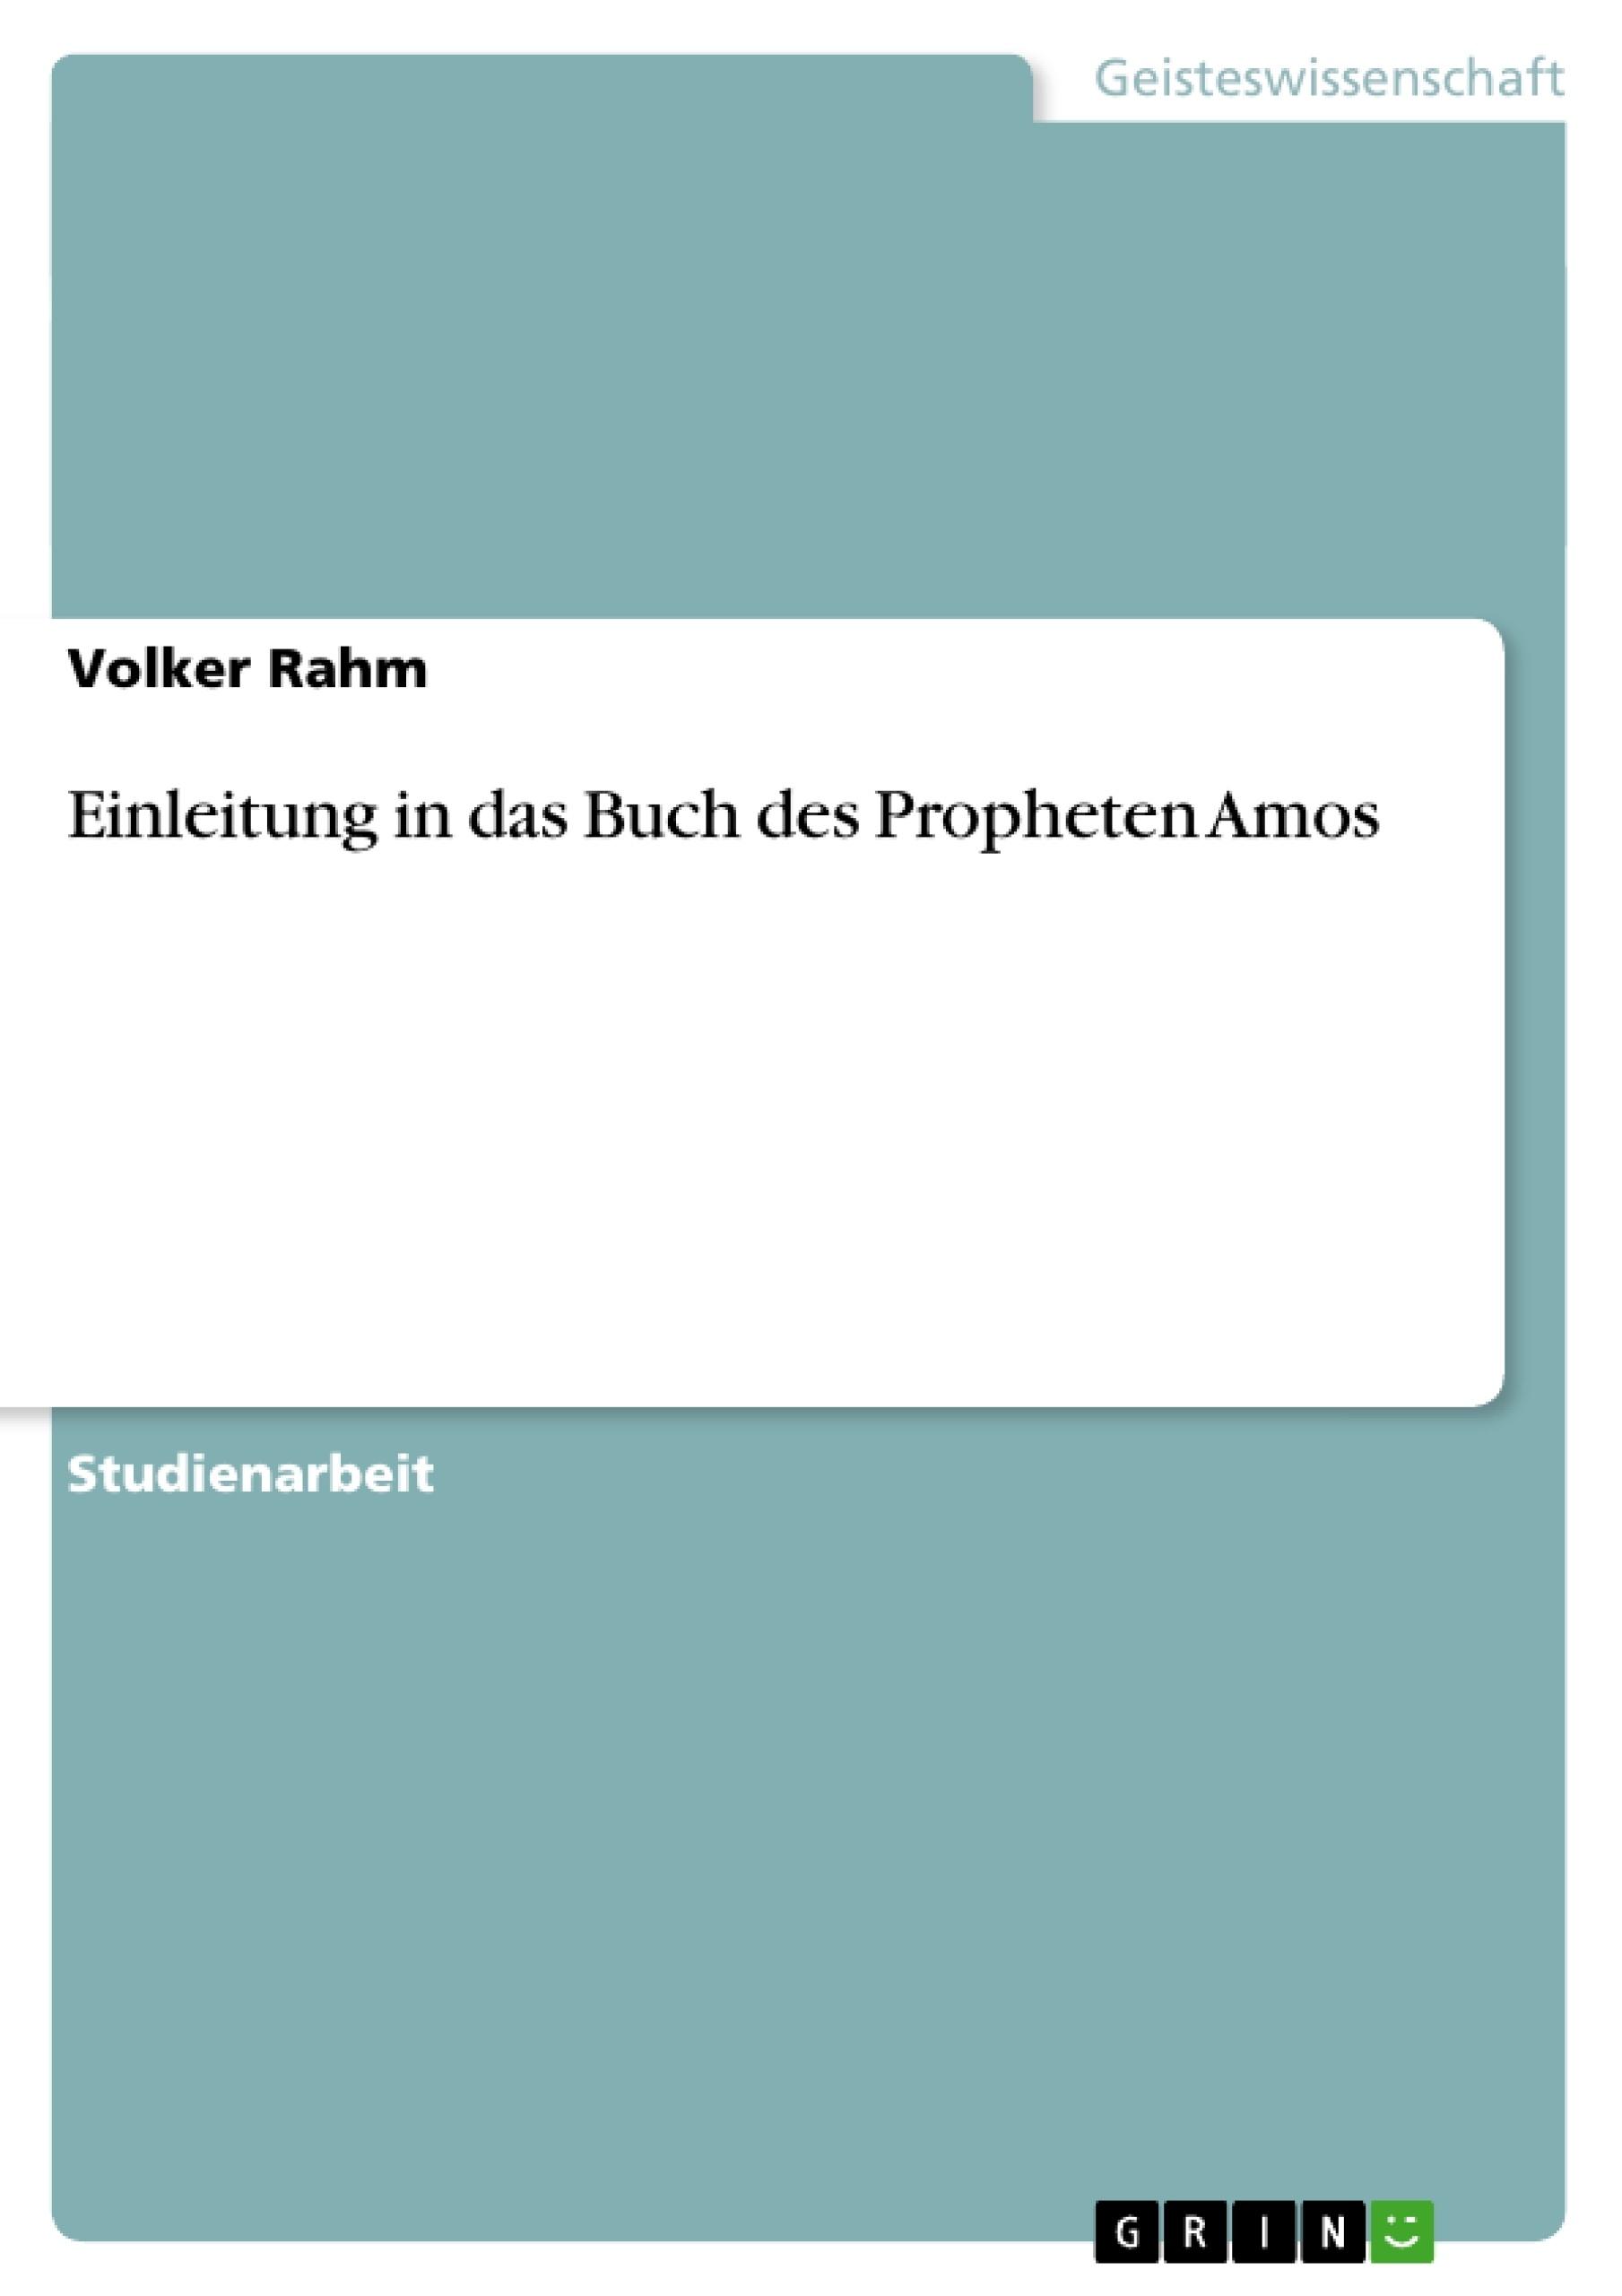 Titel: Einleitung in das Buch des Propheten Amos